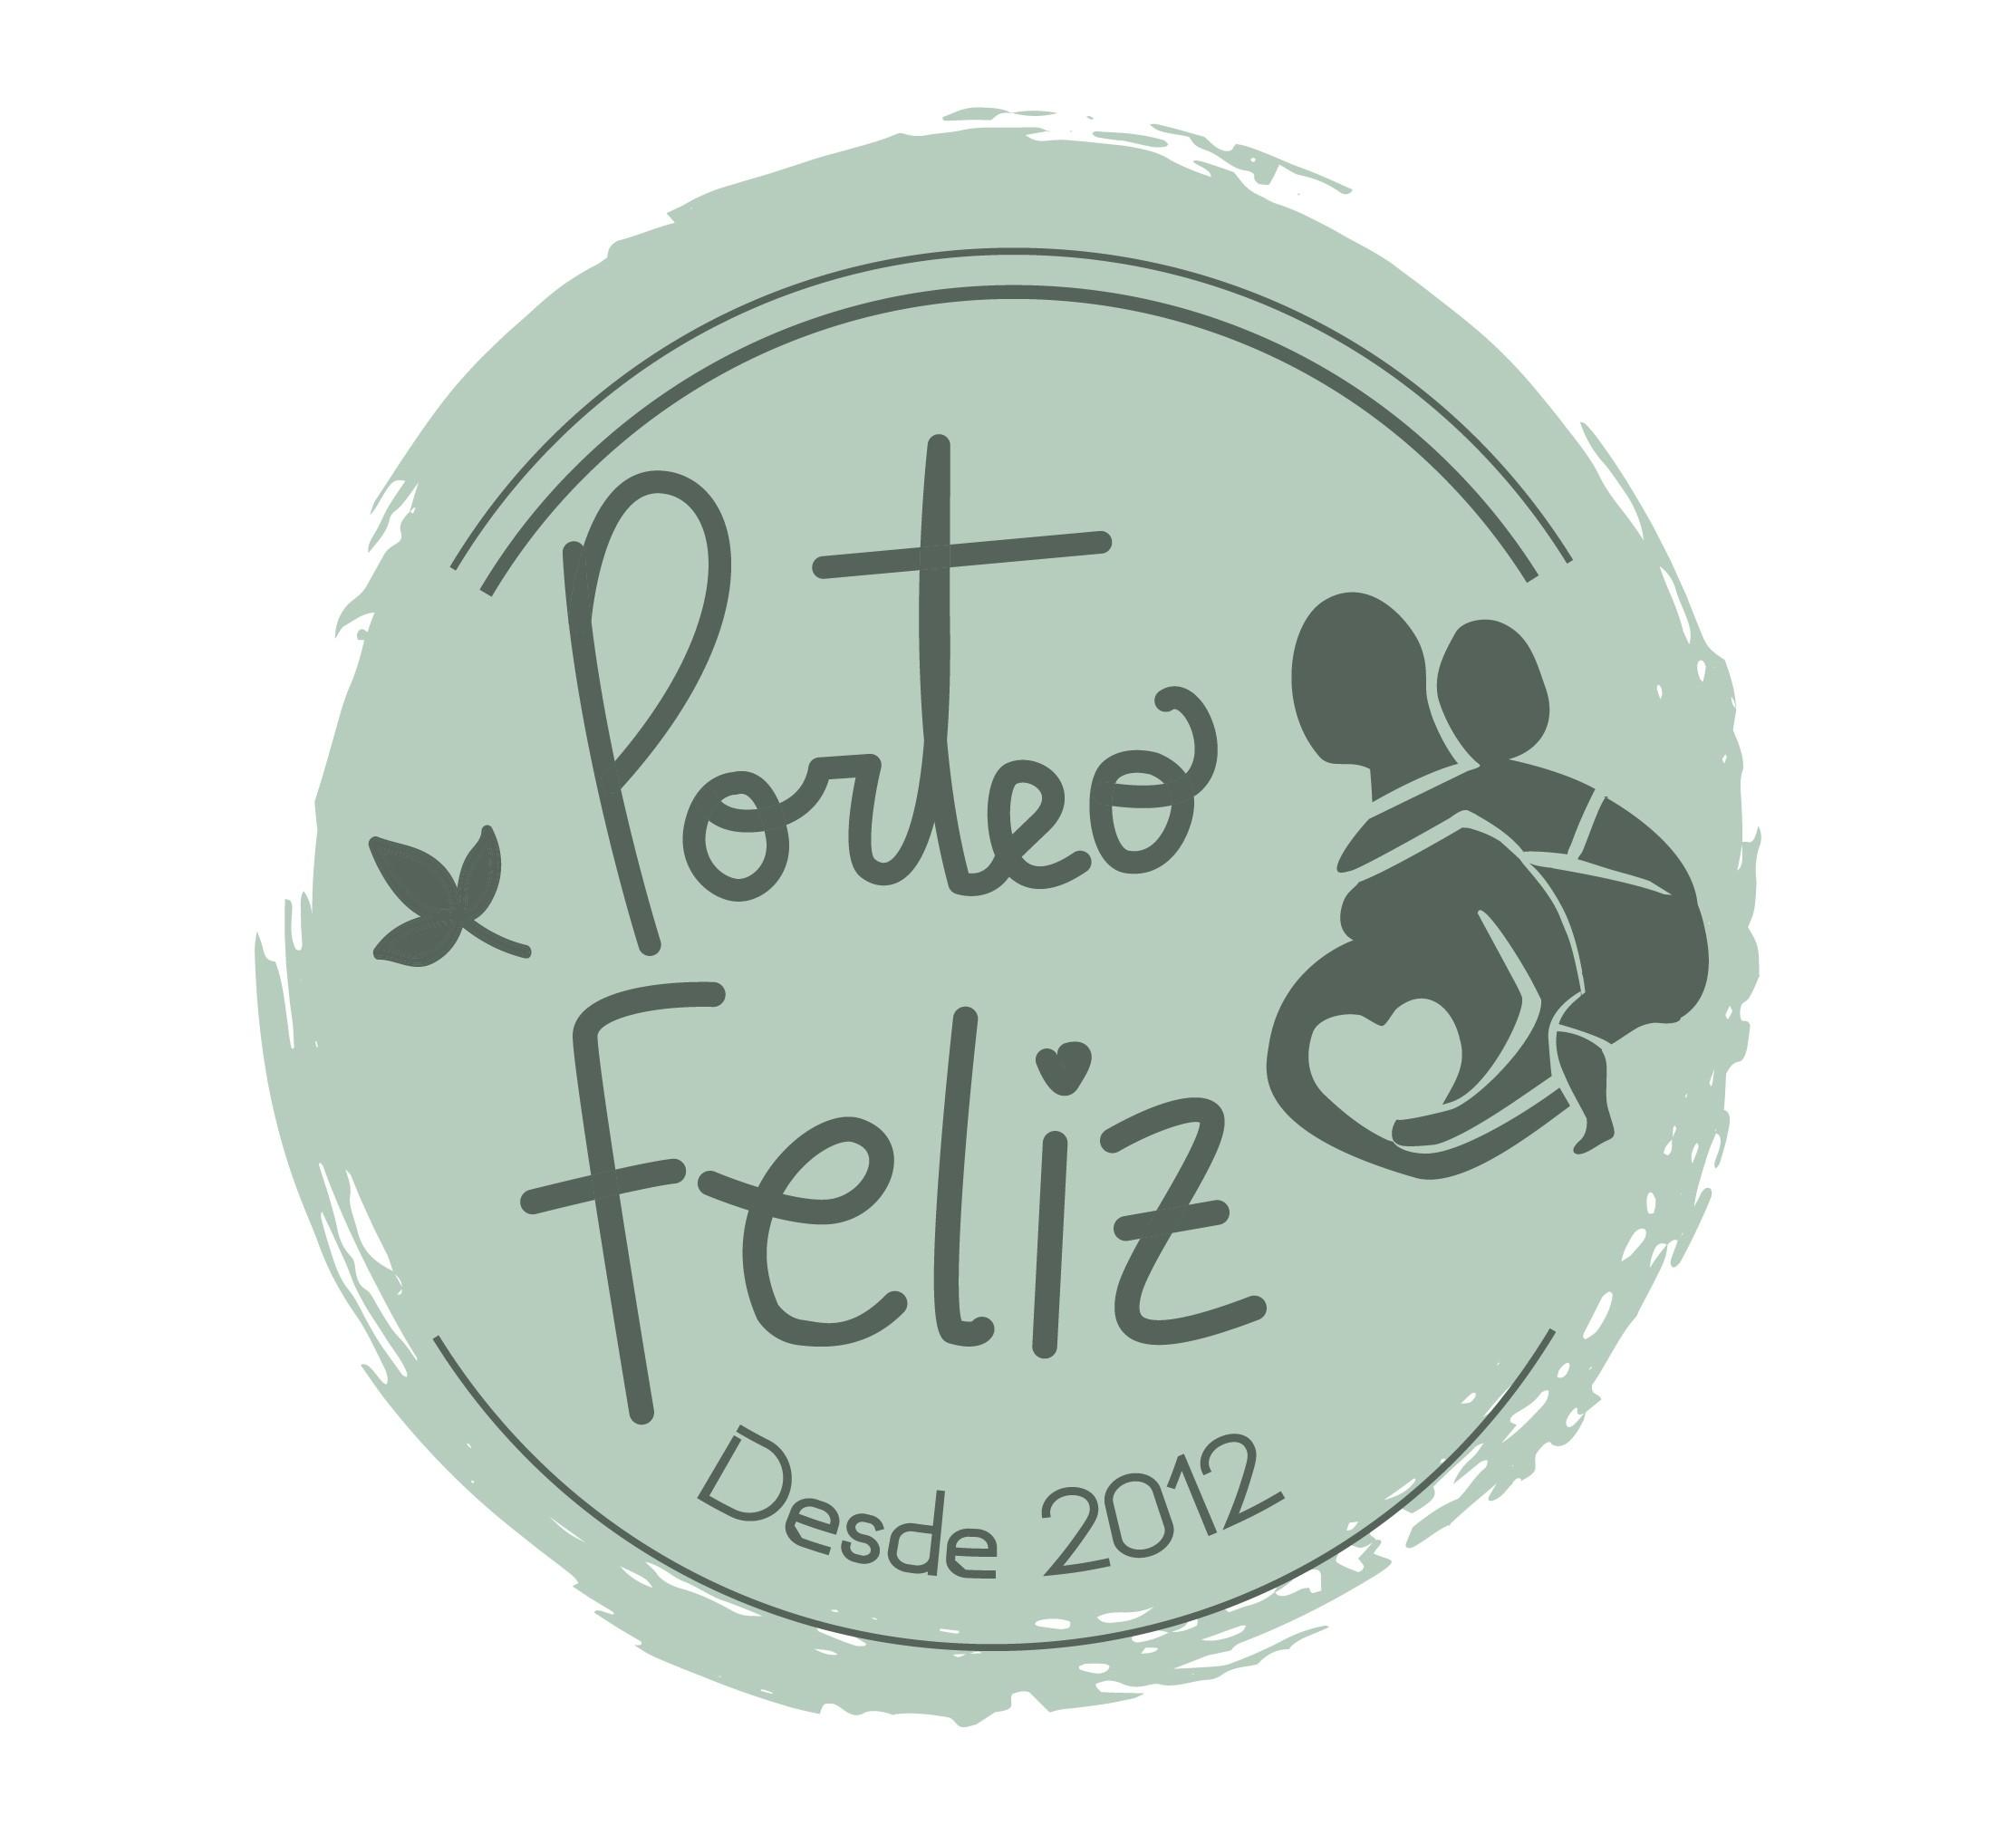 PorteoFeliz